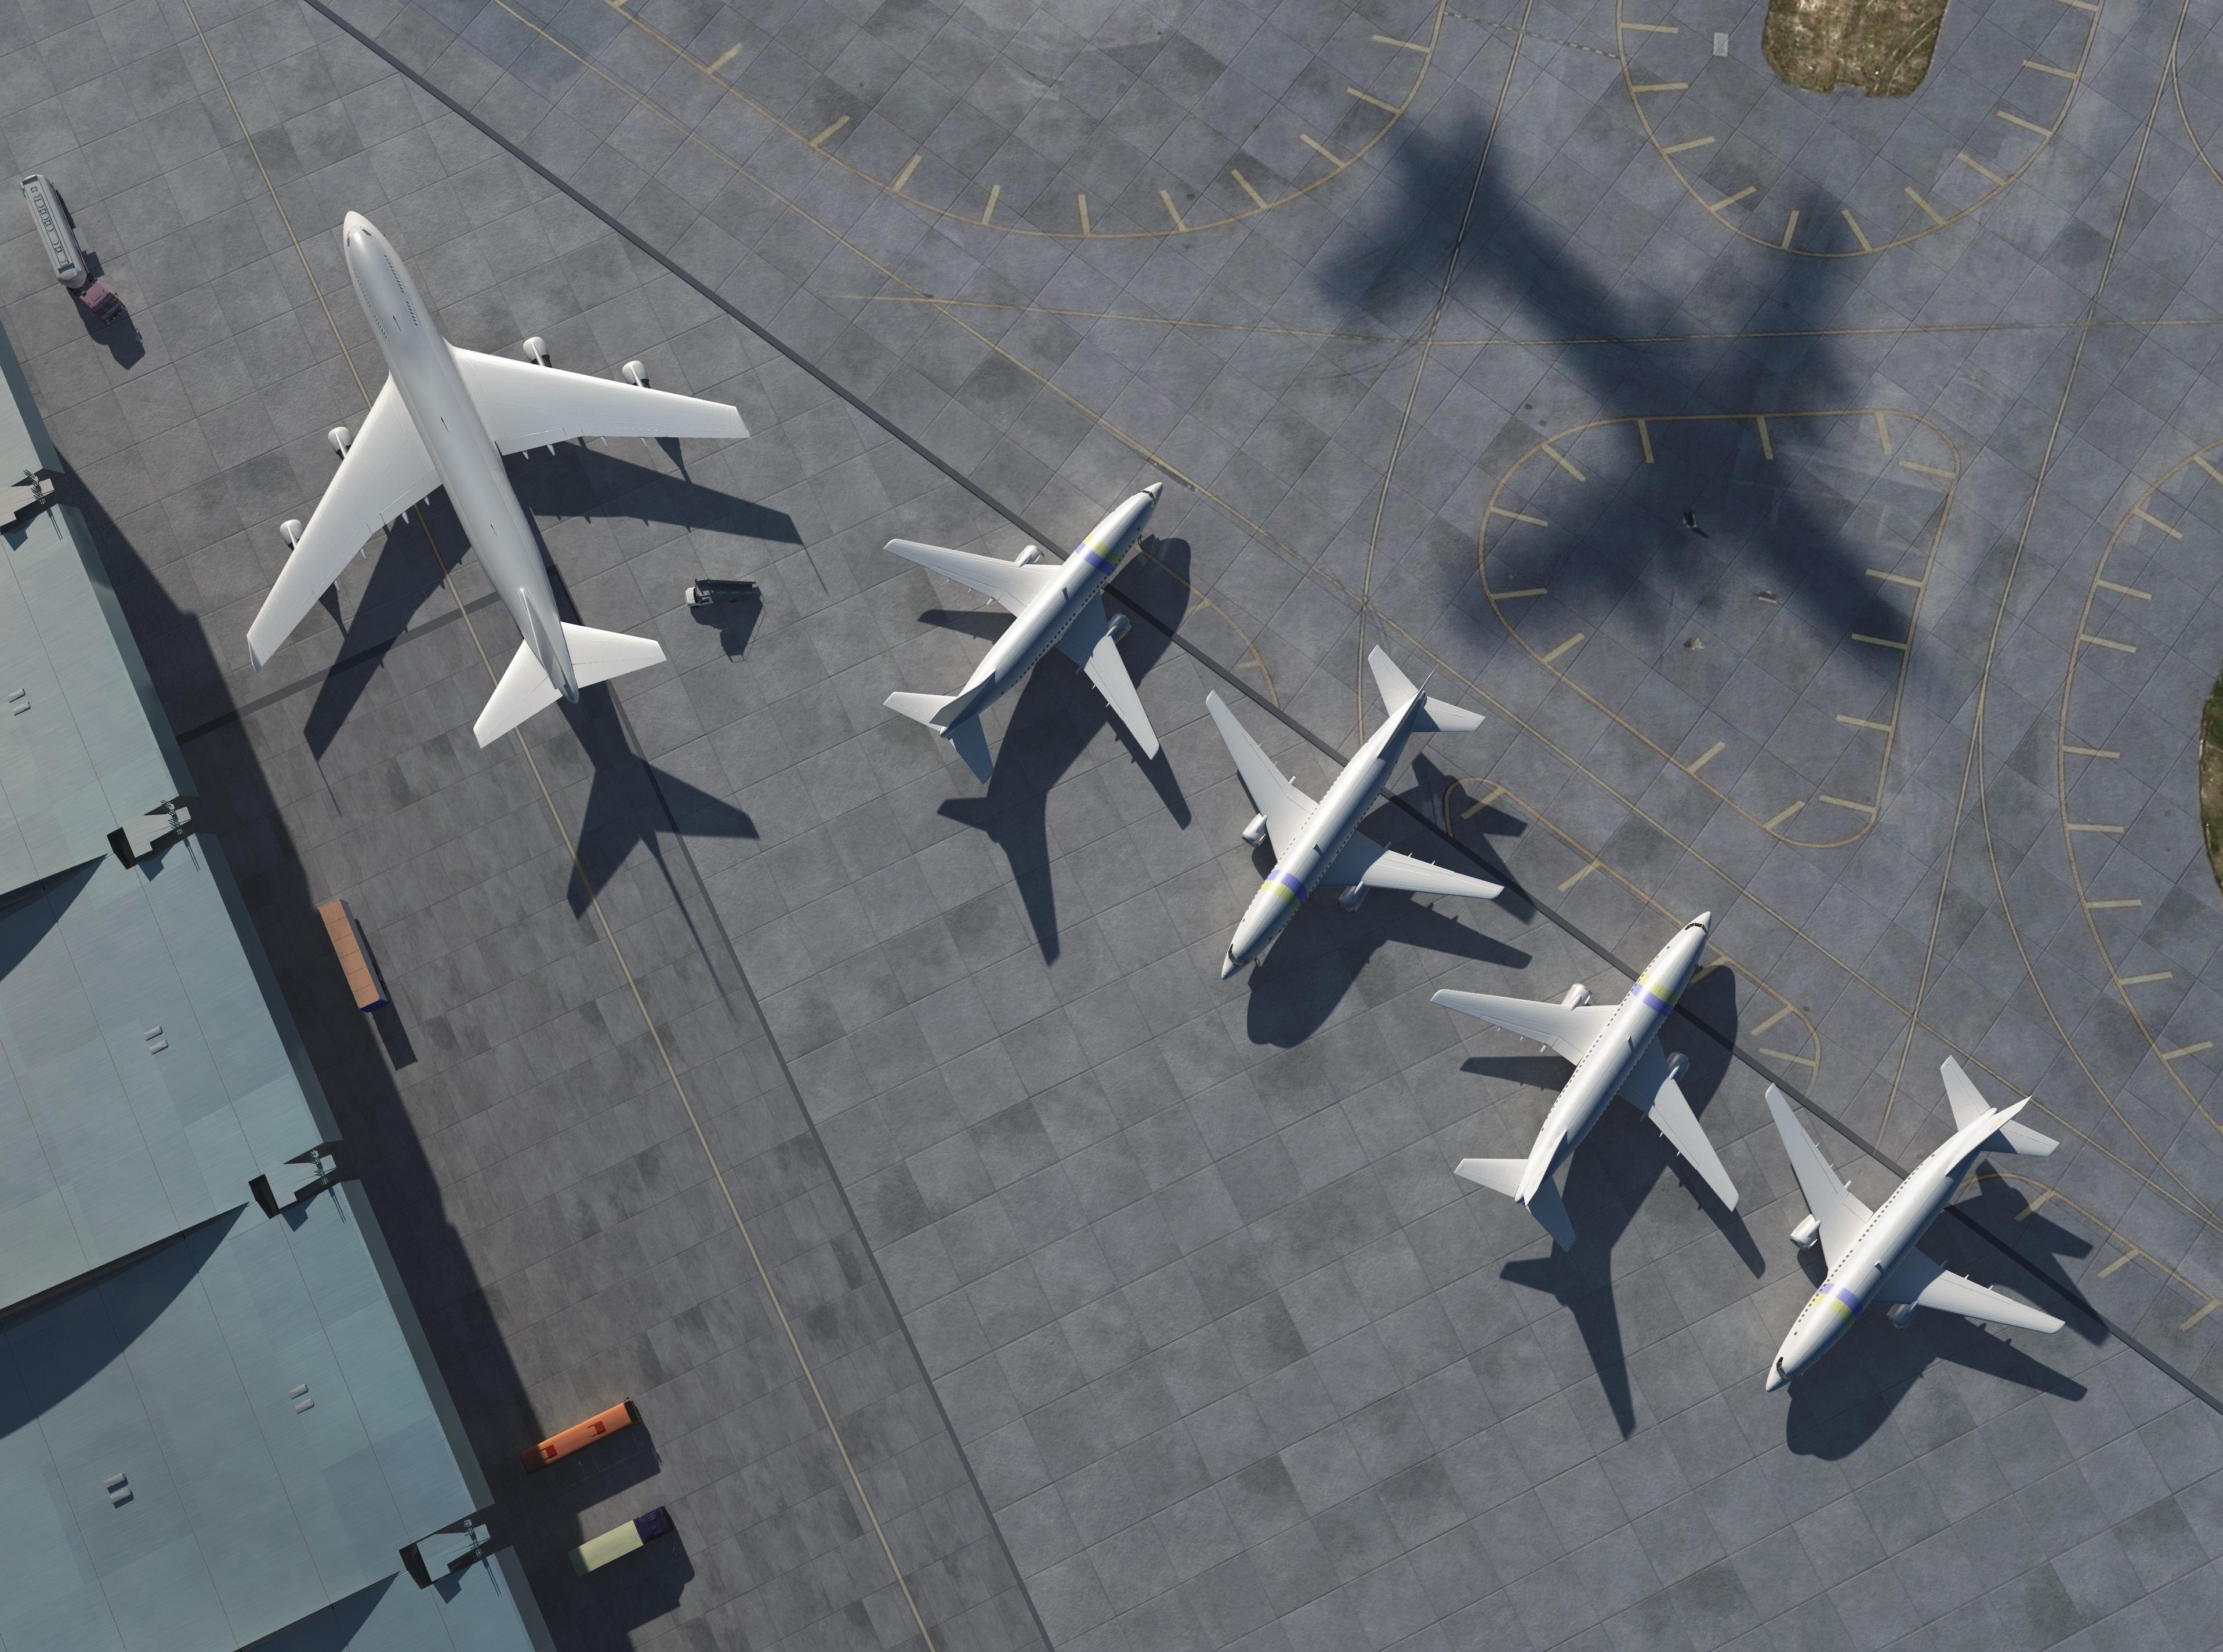 IATA veut supprimer le crédit illimité aux agences de voyages. Ces dernières pourront émettre des billets jusqu'à un certain seuil, lié à l'encourt client © Photobank - Fotolia.com